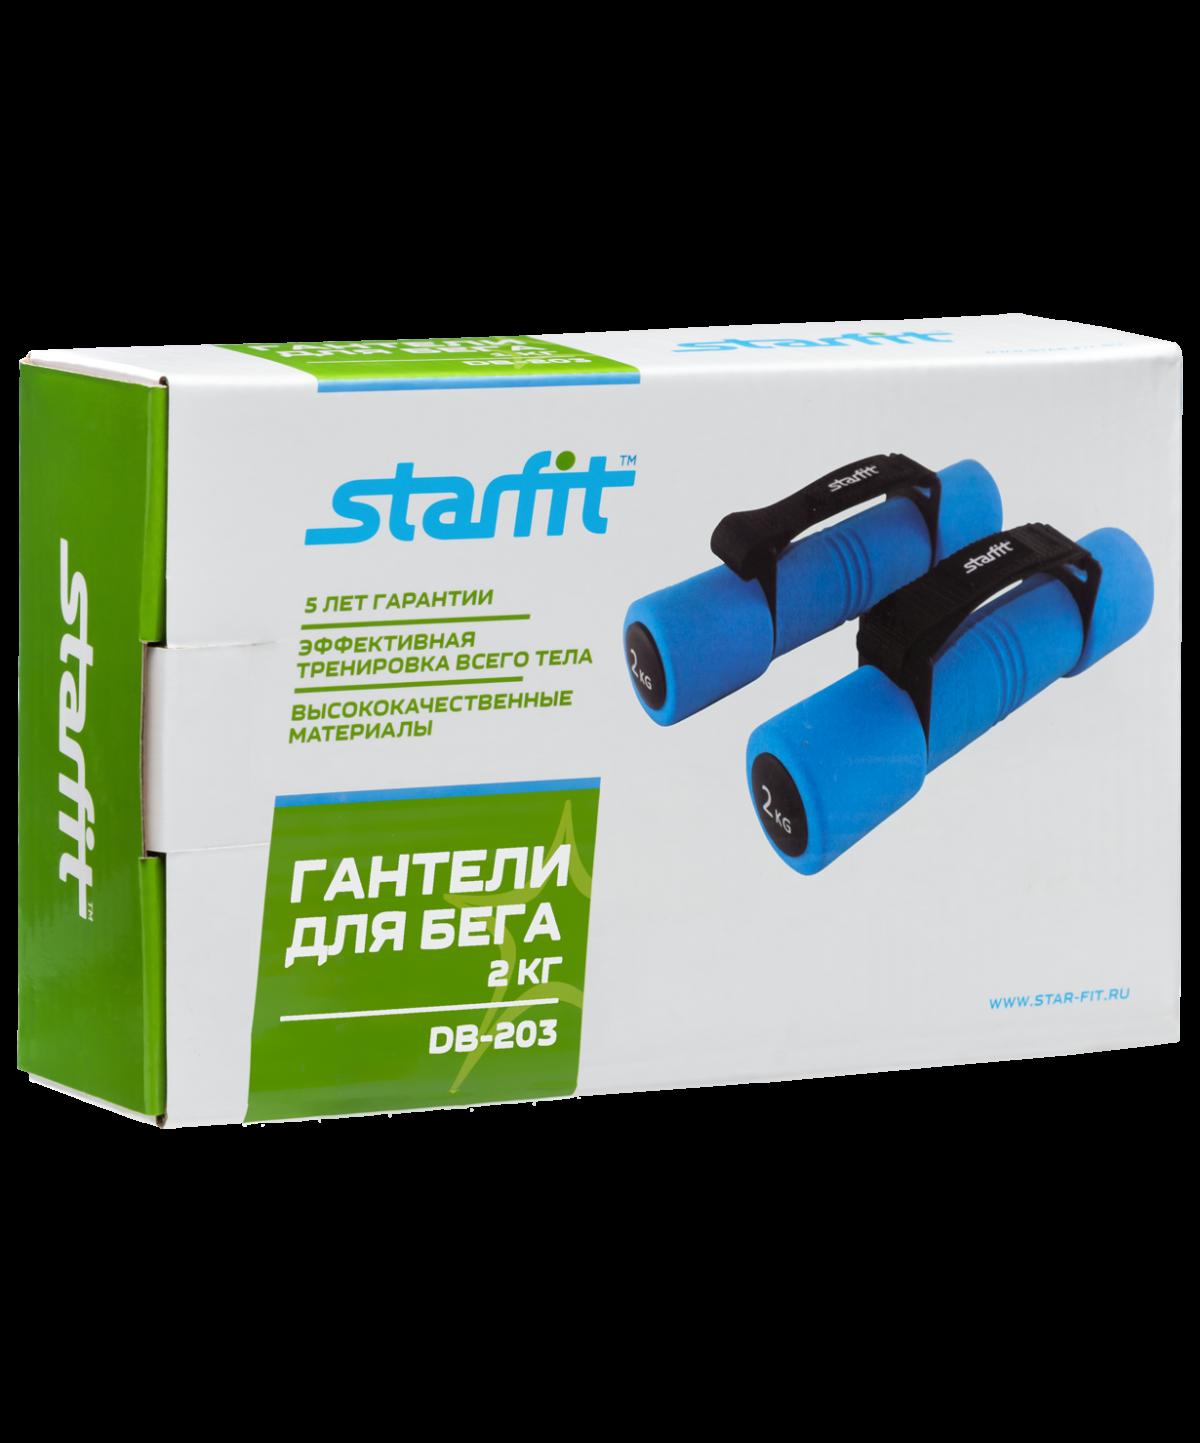 STARFIT Гантель неопреновая, 2 кг, синяя, пара DB-203 - 2